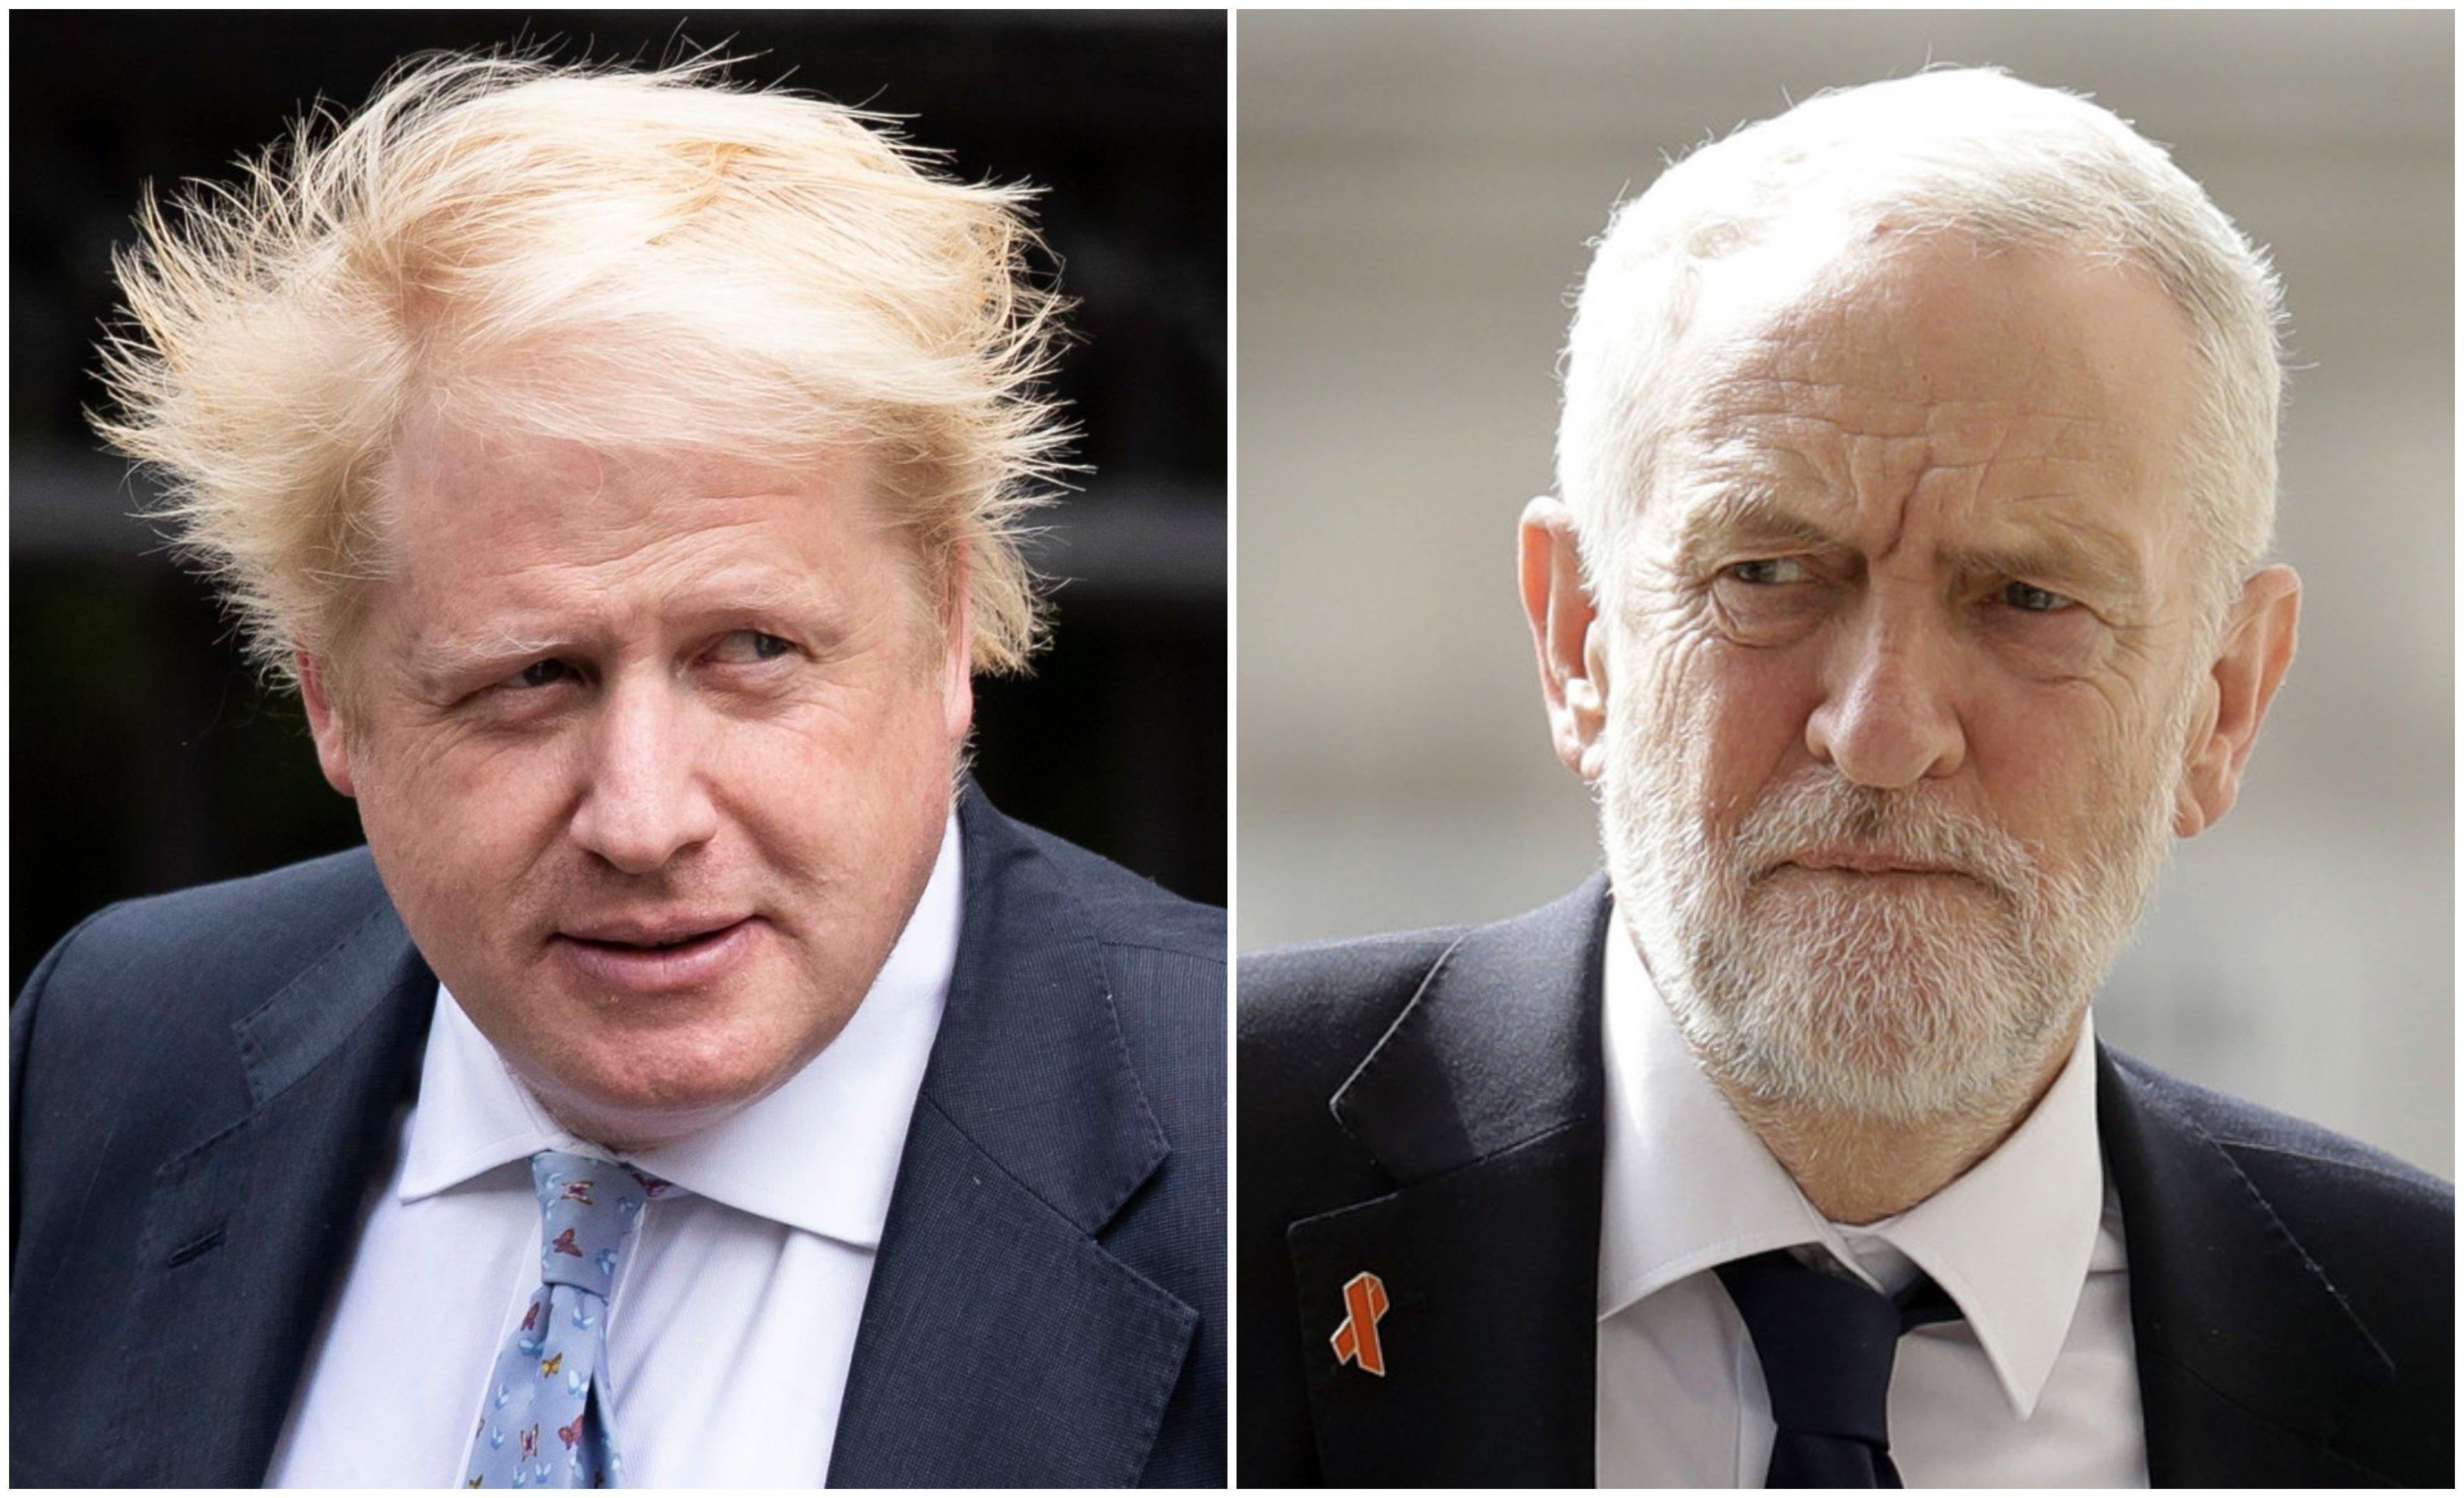 Elecciones en Reino Unido: Johnson y Corbyn